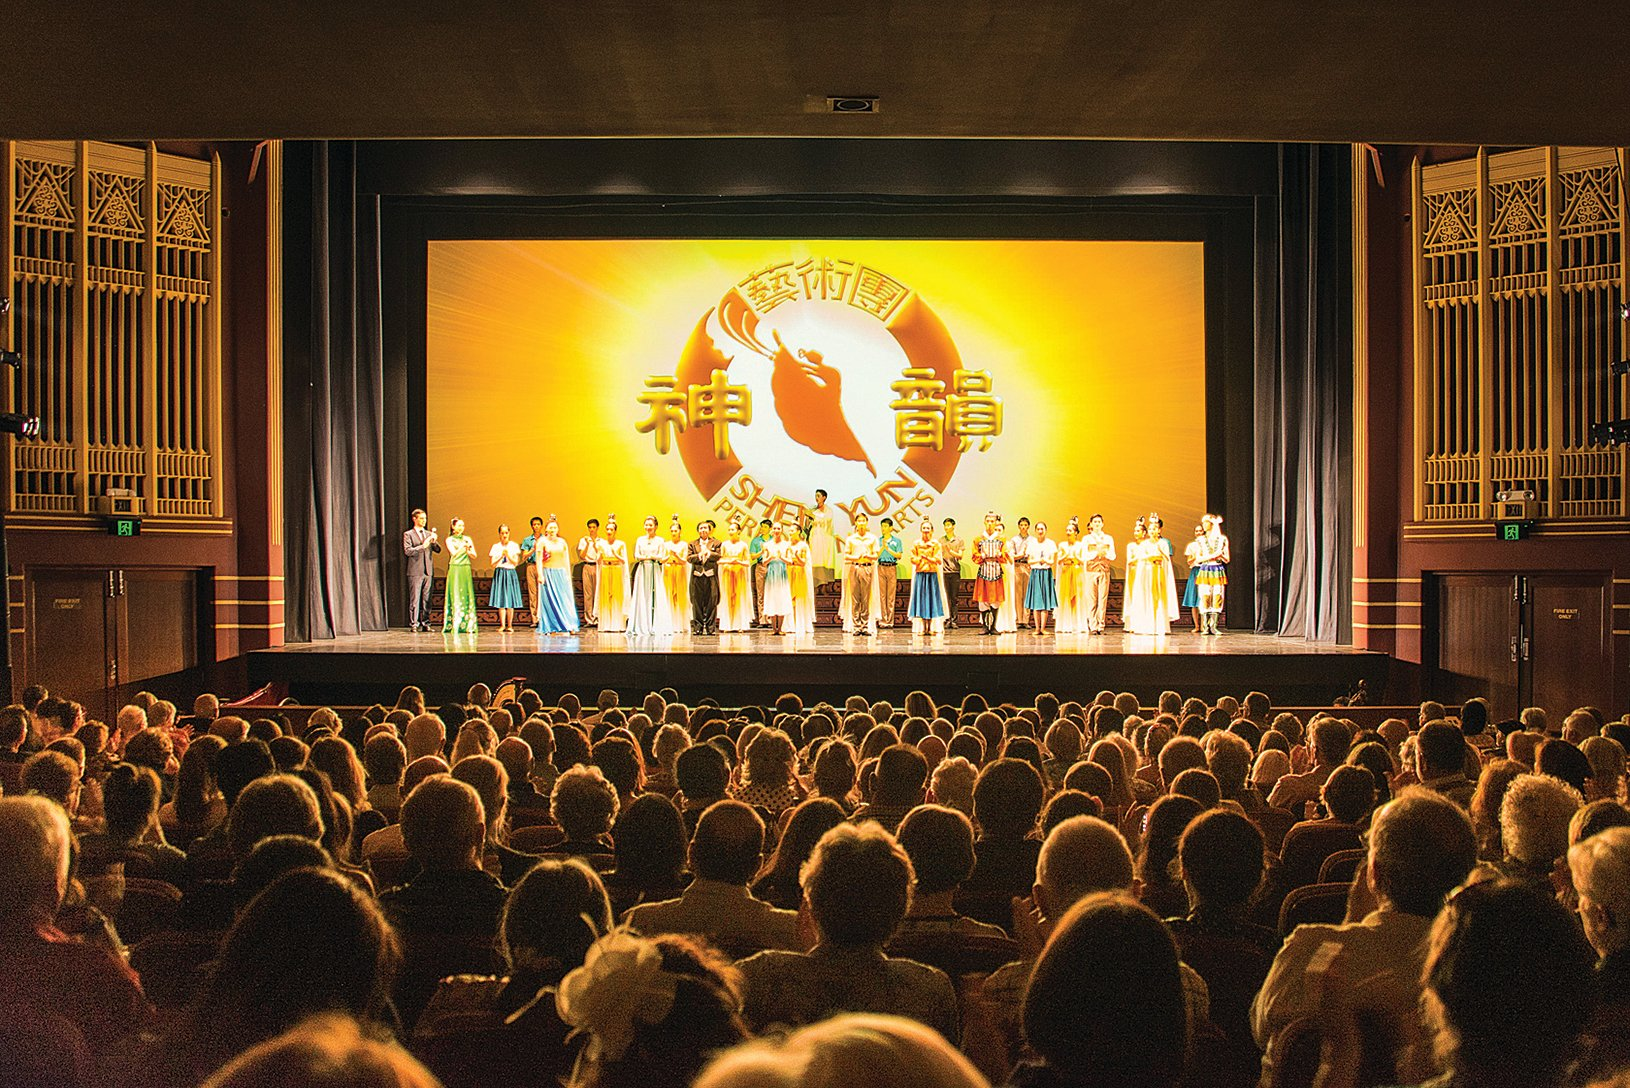 1 月26 日下午,美國的神韻國際藝術團在西澳首府珀斯帝王歌劇院展開第四場演出,滿場的觀眾在演出中掌聲不斷。(林文責/大紀元)